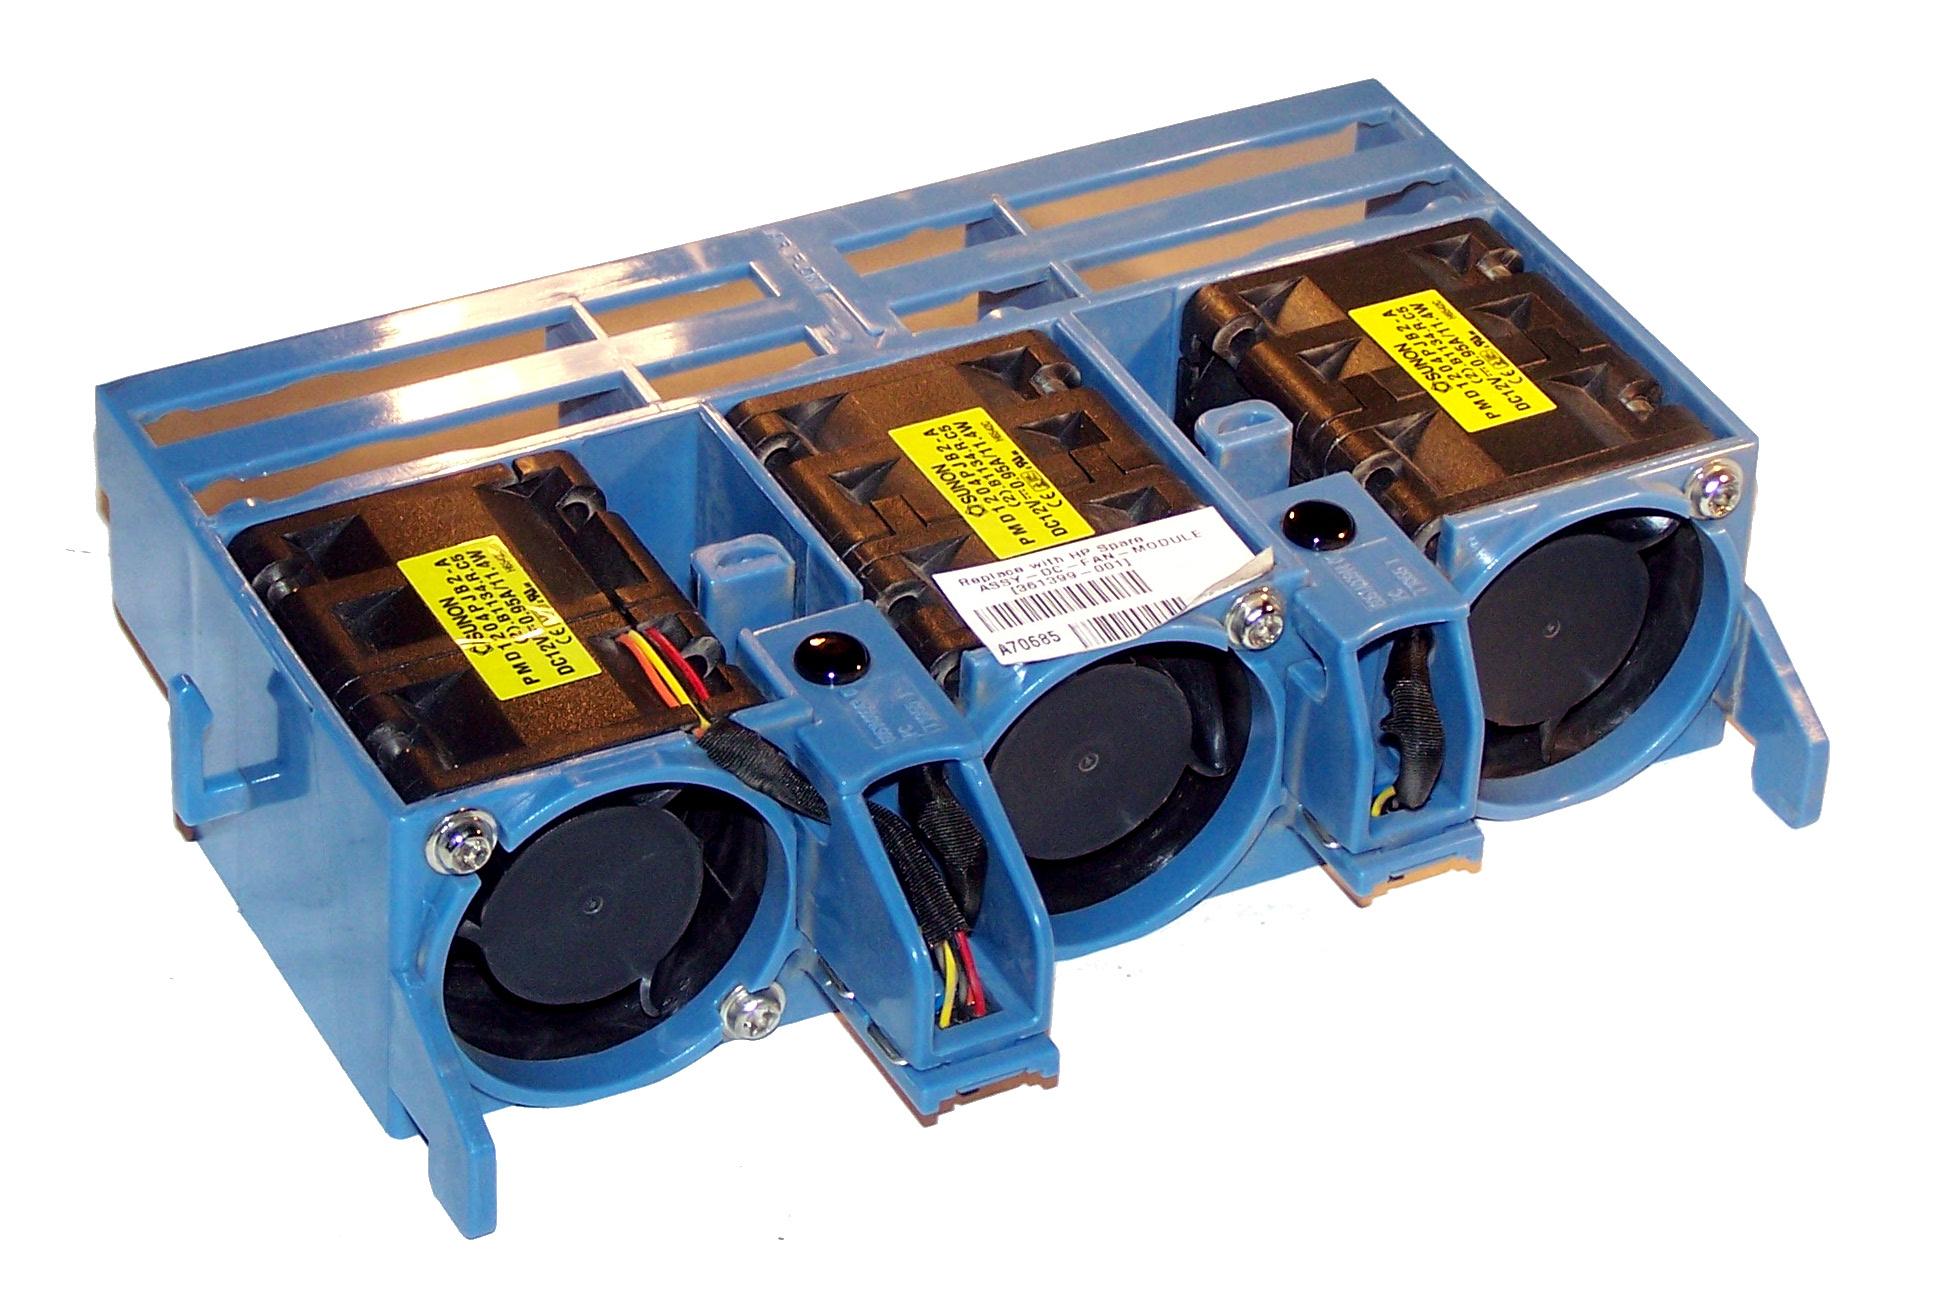 361399-001 HP Proliant DL360 G4 PSU Fan